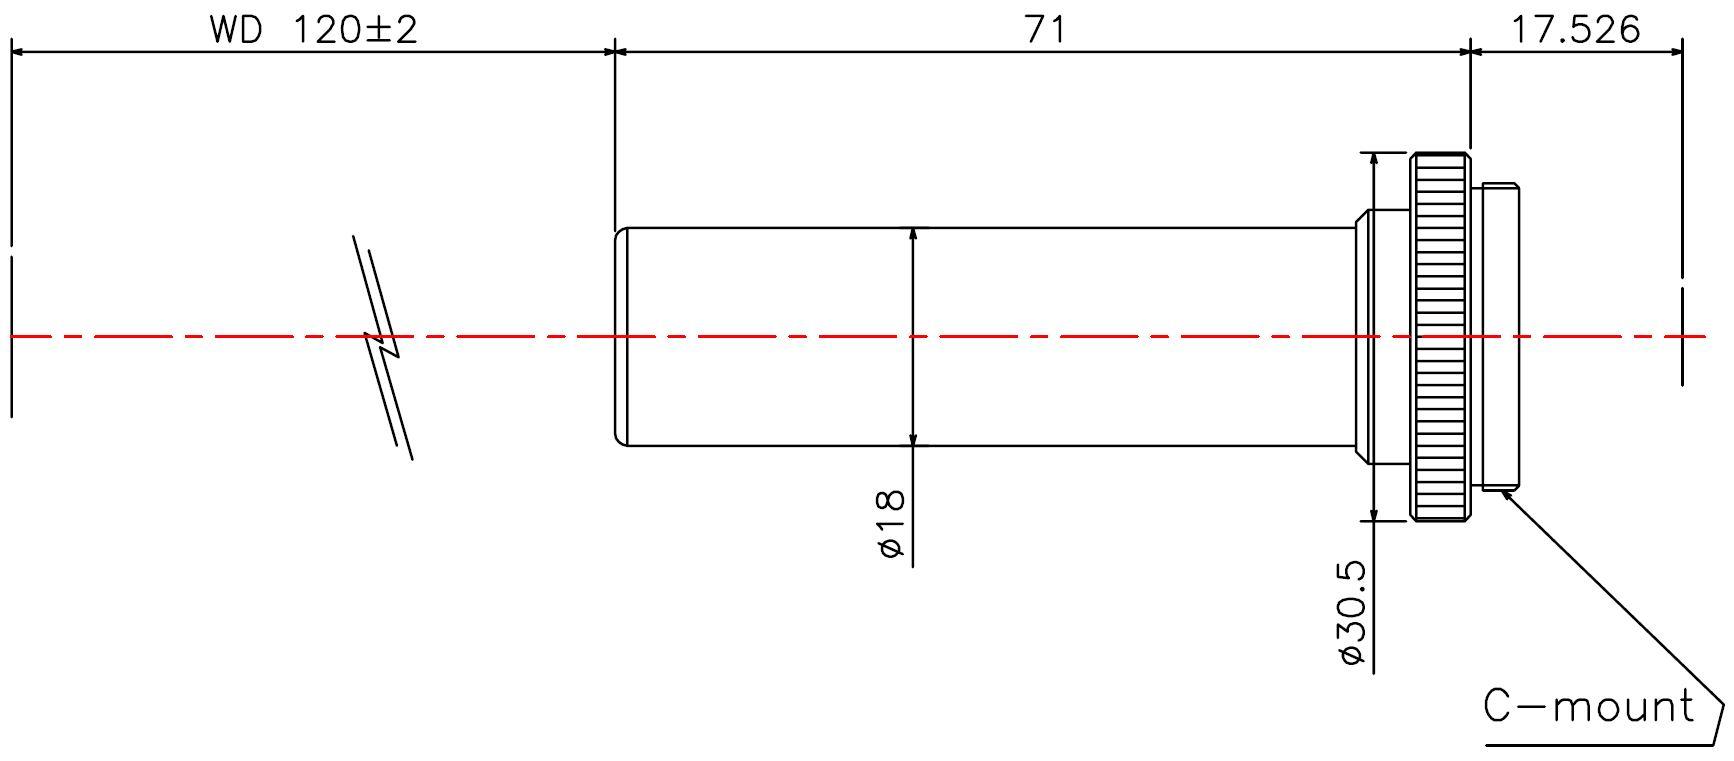 Lensagon MCST-06-120